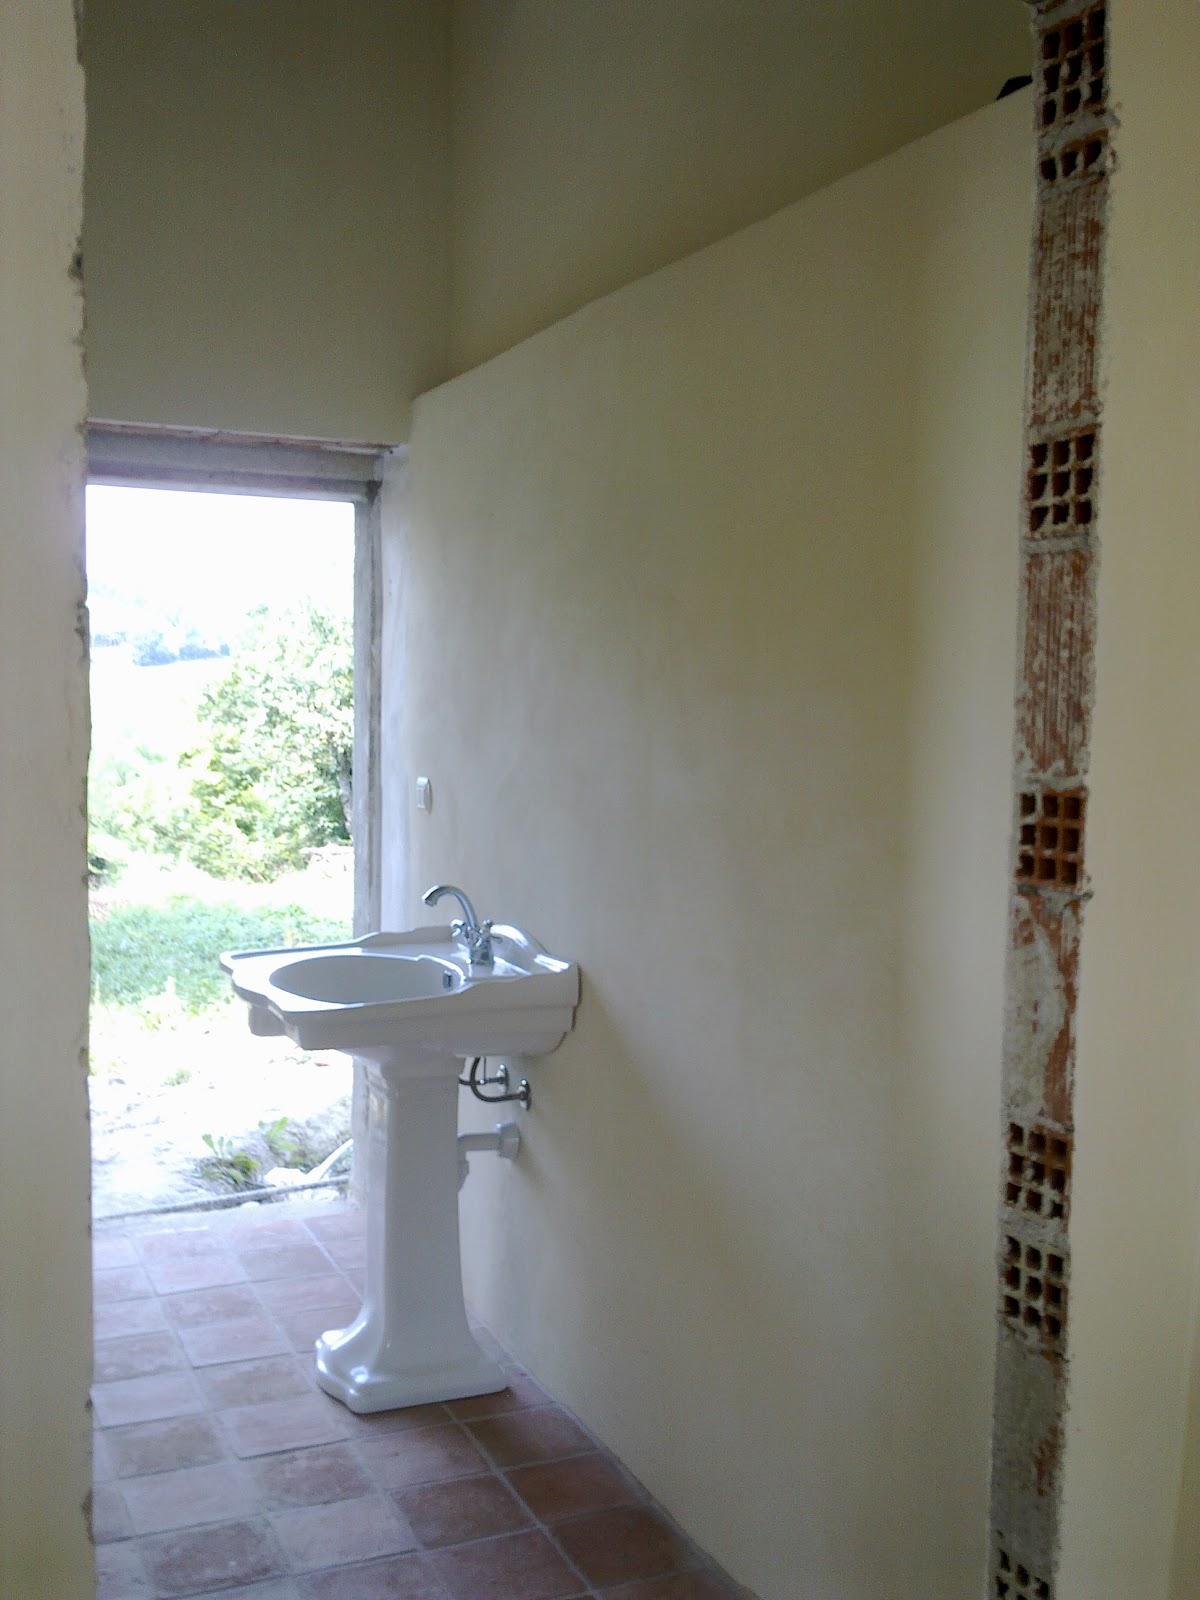 Corteranzo terzo bagno terminato manca solo un muro - Documenti per ristrutturazione bagno ...